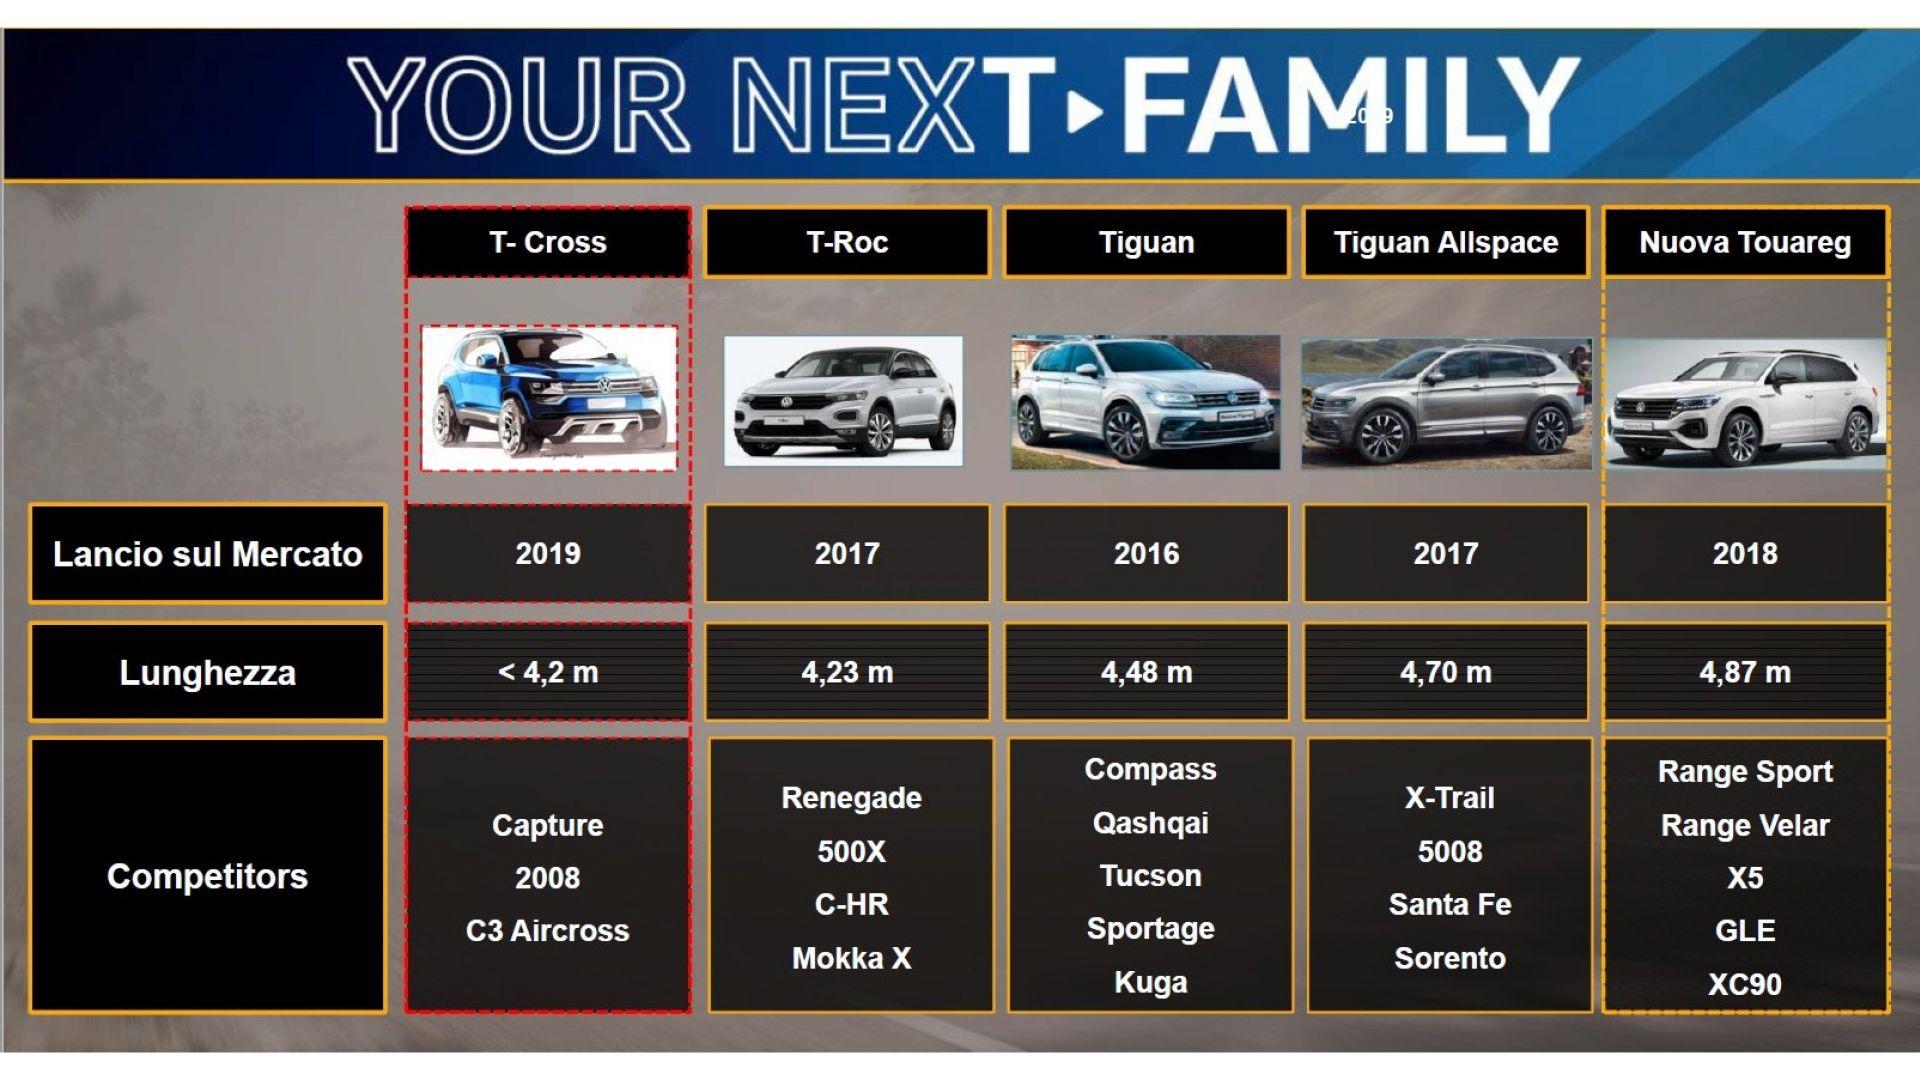 Volkswagen T Cross Conferme Ufficiali Su Dimensioni E